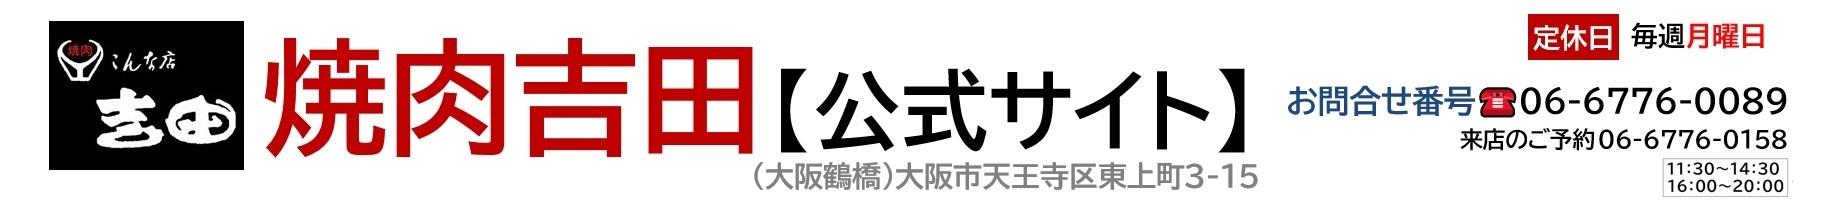 焼肉吉田【公式サイト】